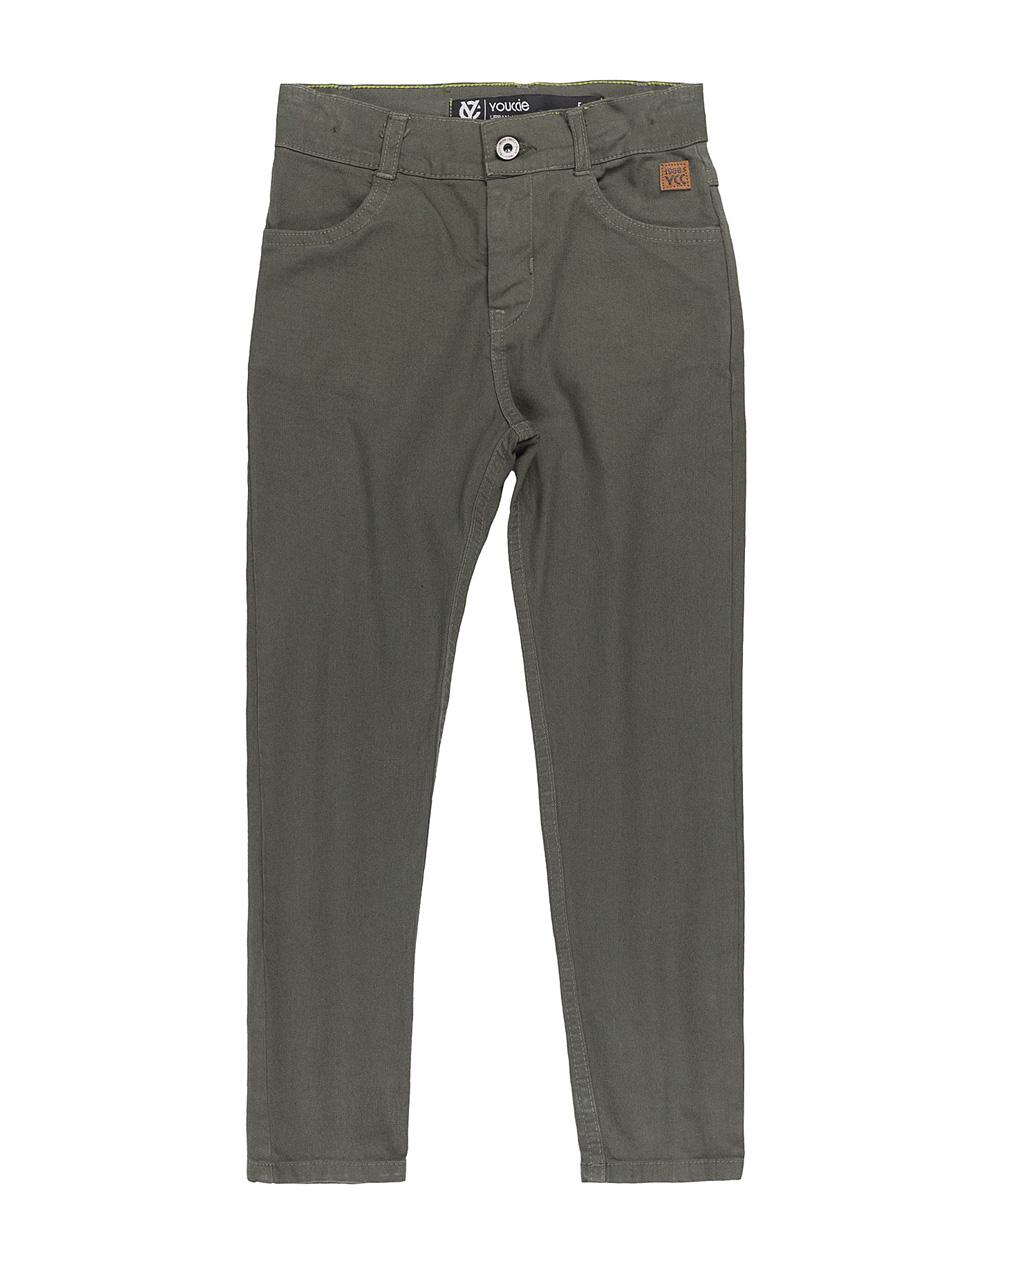 Calça Infantil Jeans Sarja Verde Militar Youccie